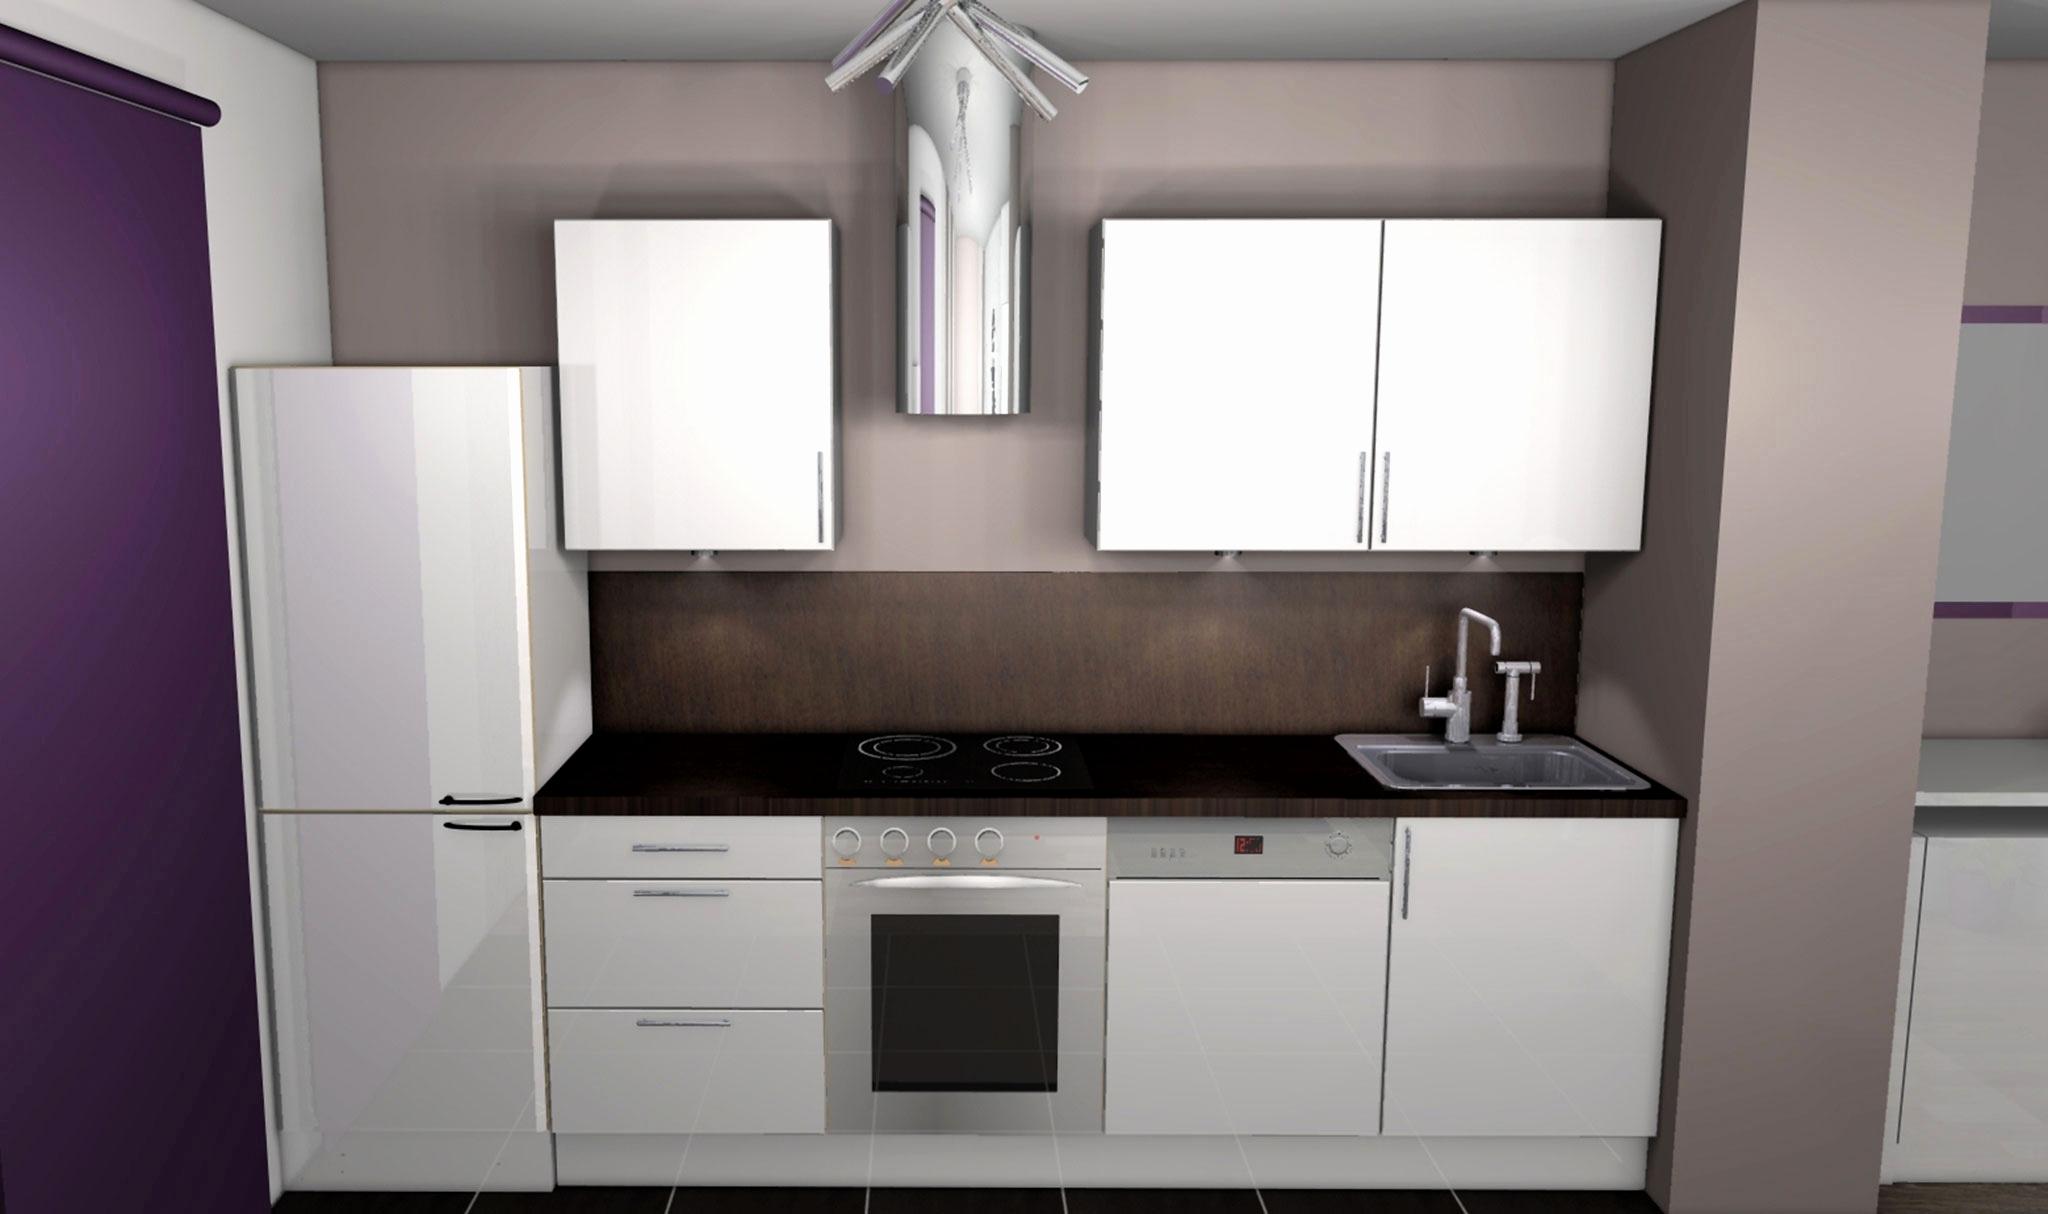 Cuisine Ikea Ringhult Blanc Frais Images 43 Meilleur De Graphie De Cuisine Ikea Ringhult Blanc Brillant